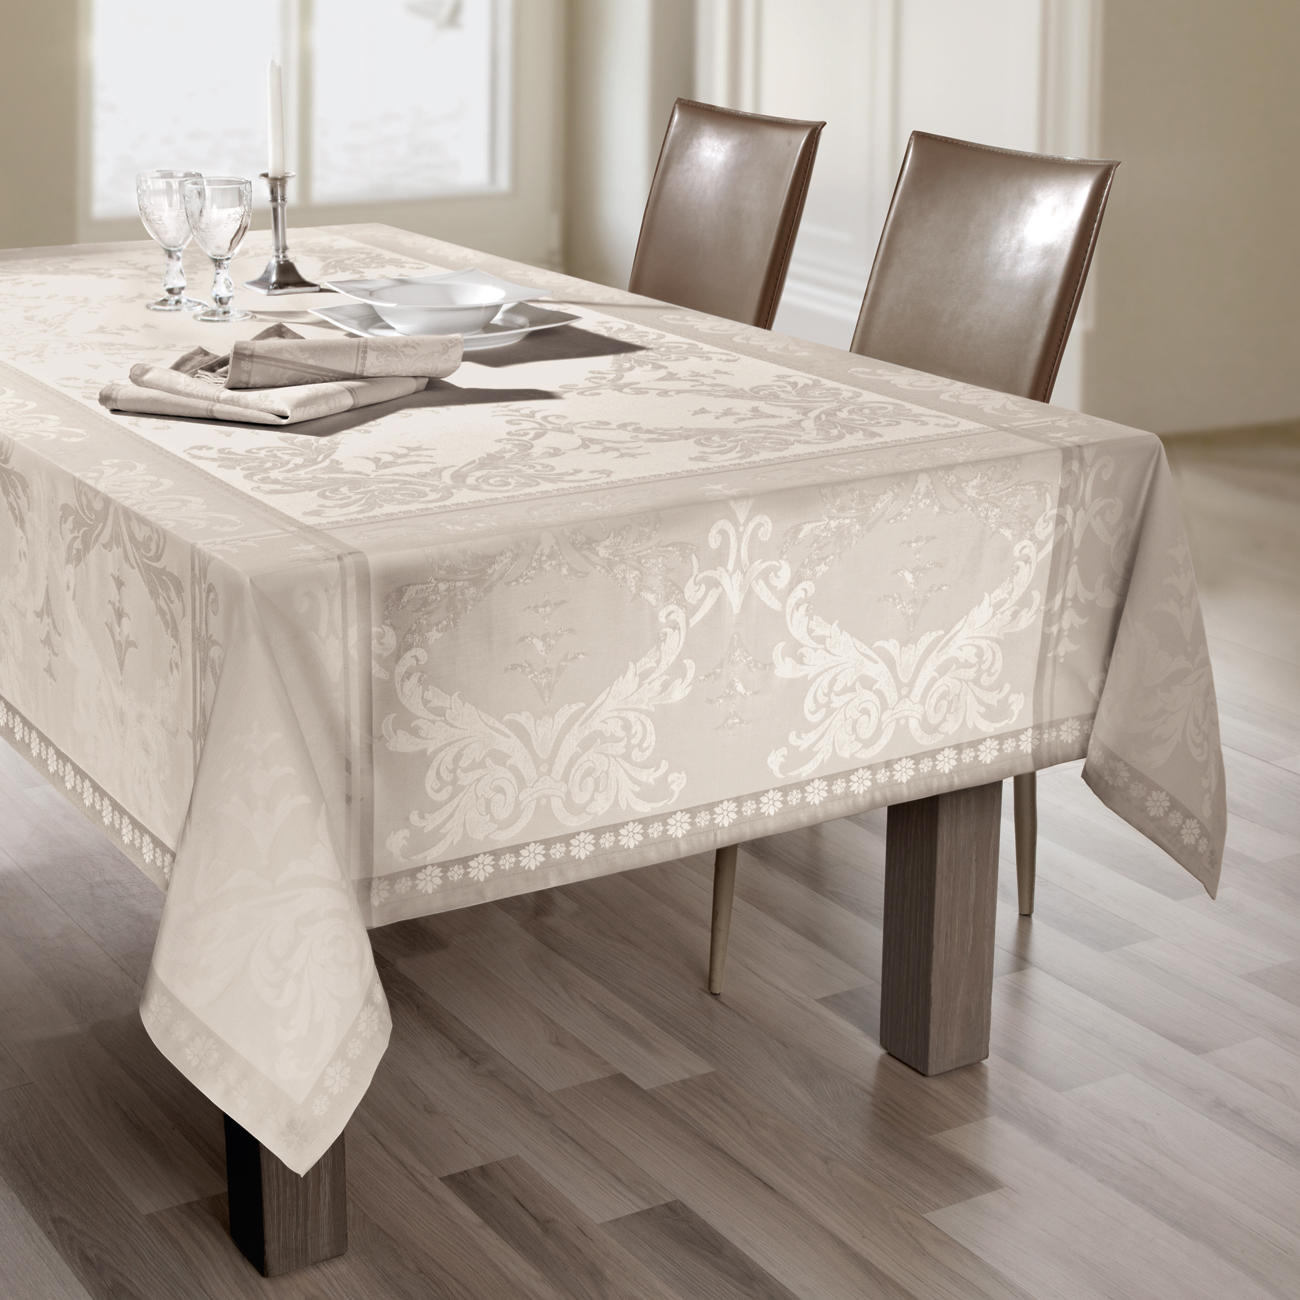 tischw sche shabby chic 3 jahre garantie pro idee. Black Bedroom Furniture Sets. Home Design Ideas